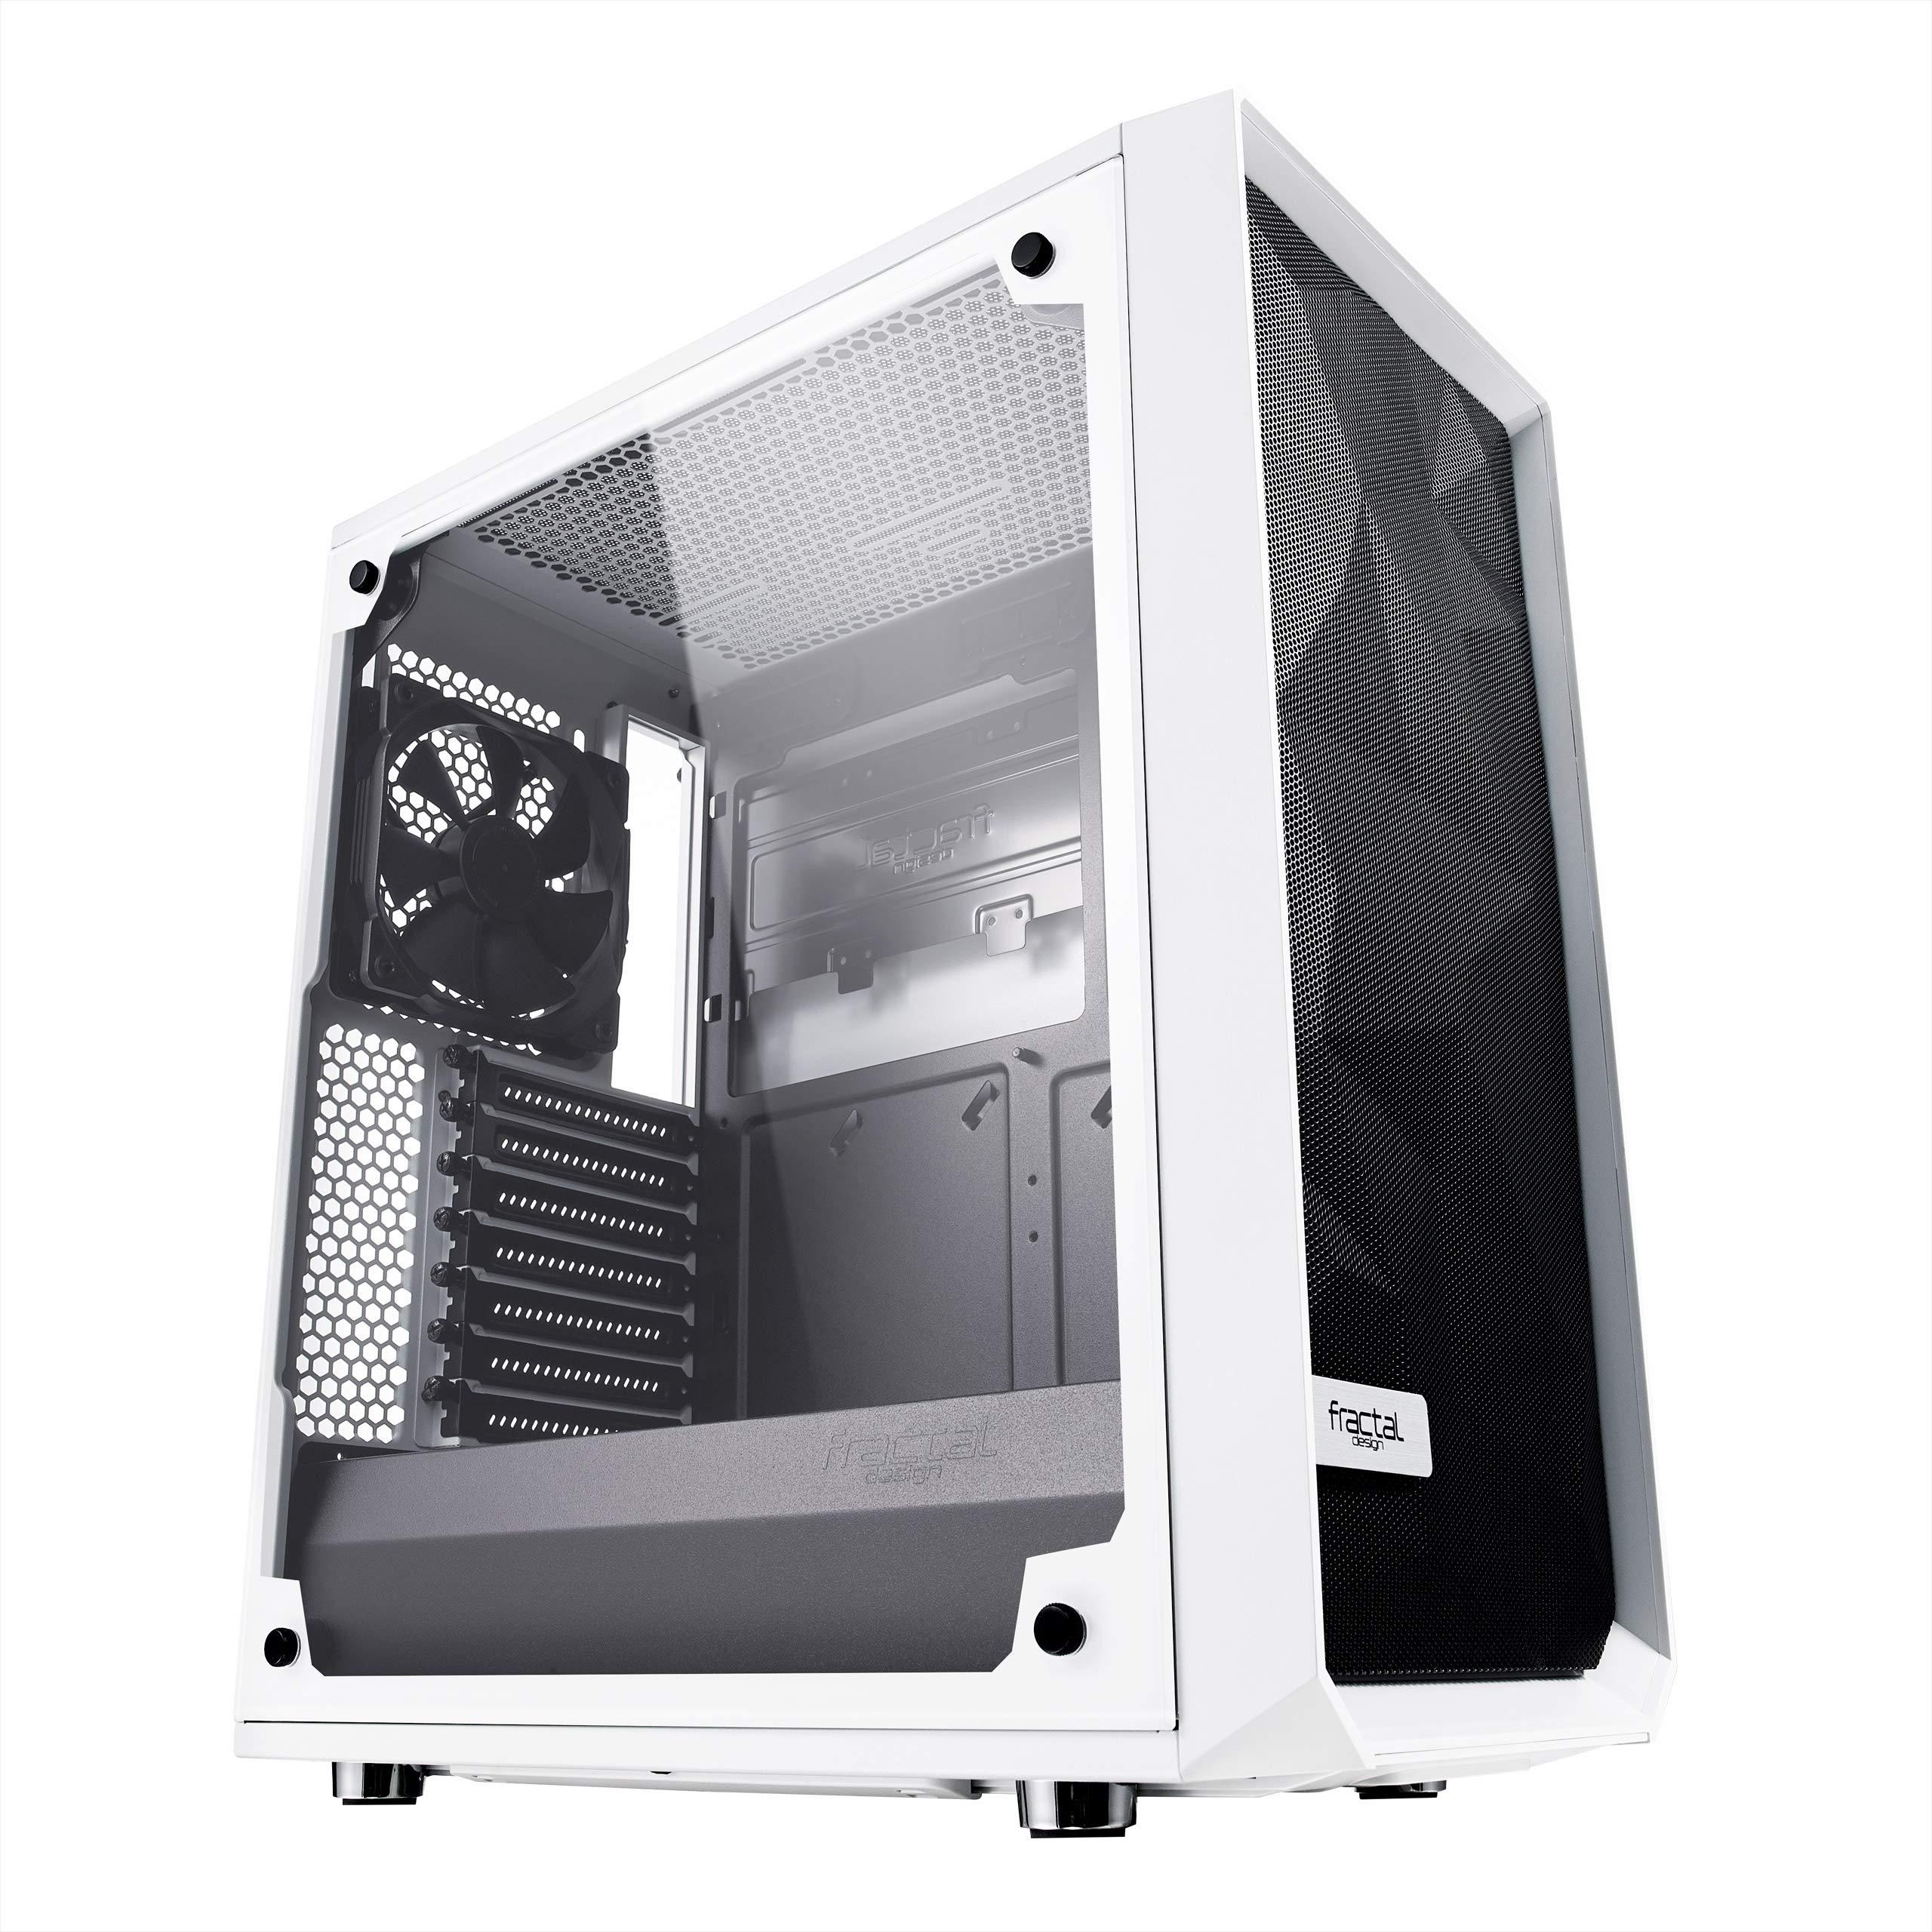 Fractal Design Cristal Templado Alto Flujo de Aire Compacto meshify C ATX PC Caso – Blanco: Amazon.es: Informática